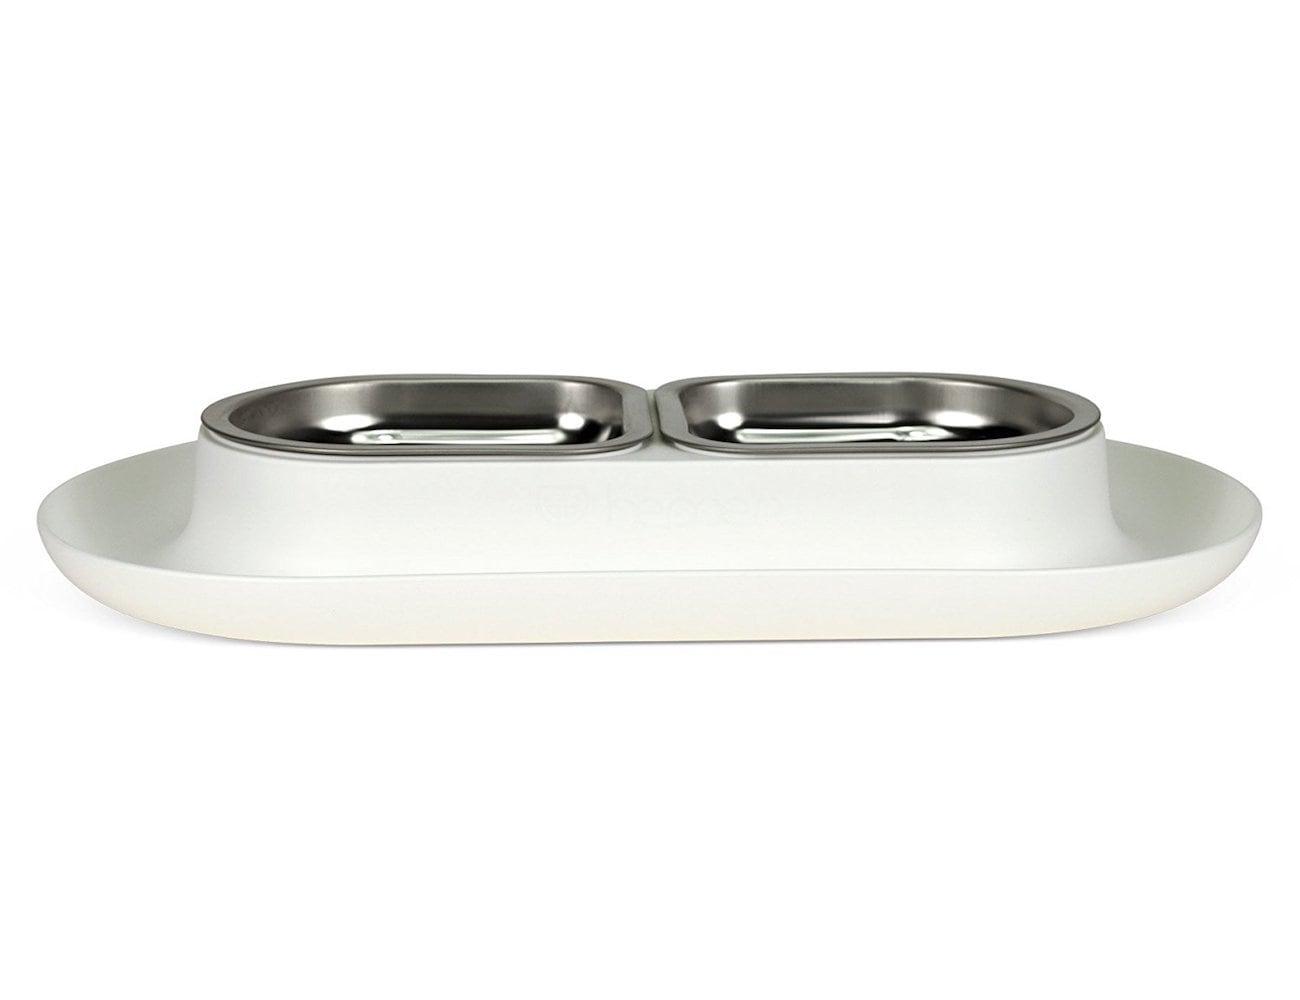 Hepper NomNom Pet Bowl Set